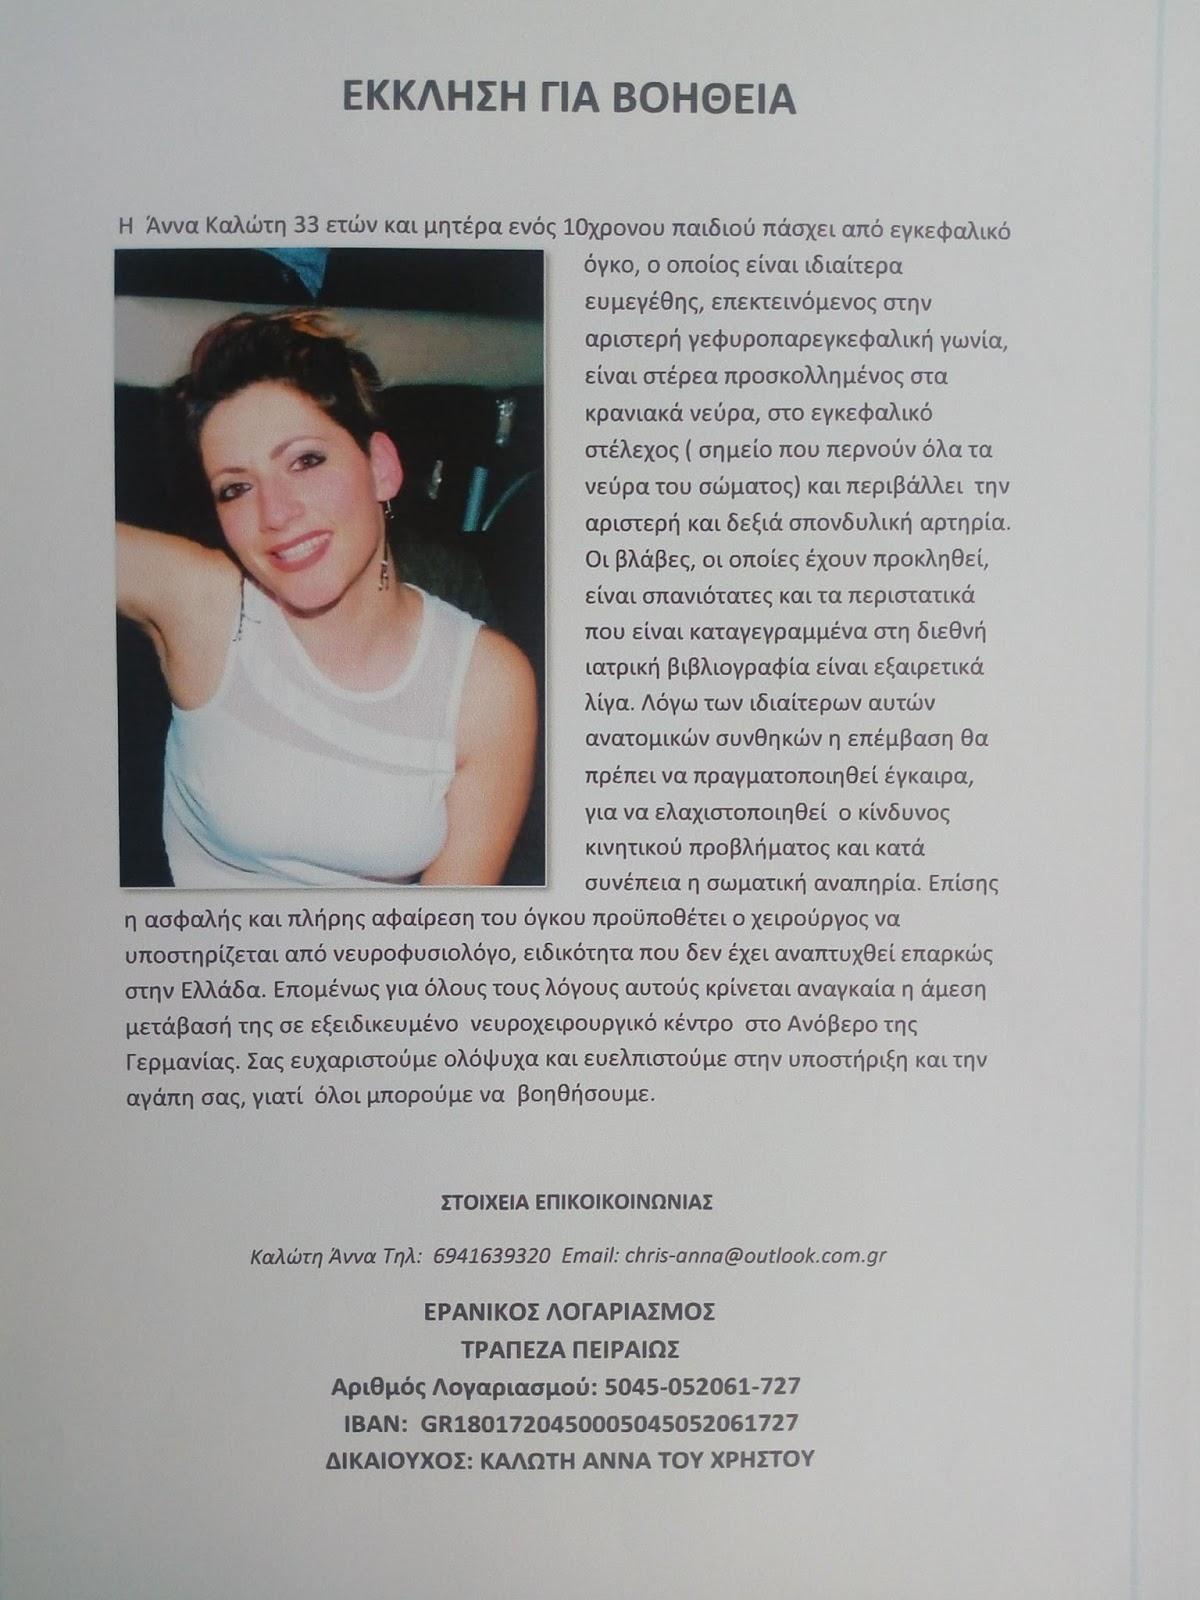 """Έκκληση """"ζωής"""" για βοήθεια για την Ελασσονίτισσα Άννα Καλώτη"""